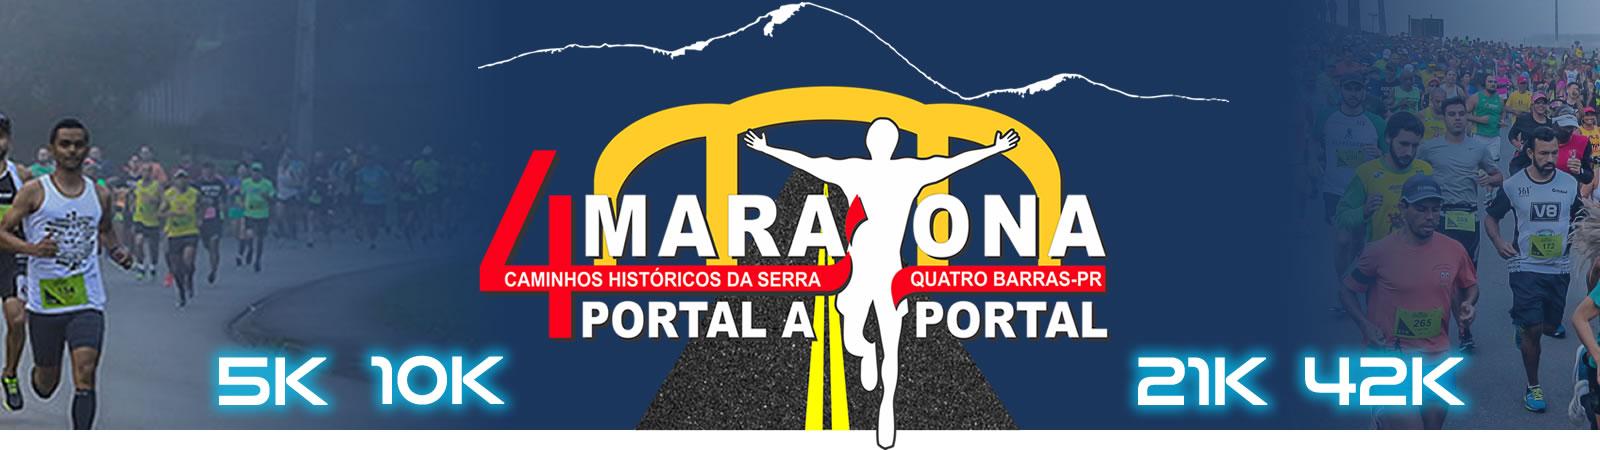 4ª MARATONA PORTAL A PORTAL - Caminhos históricos da serra